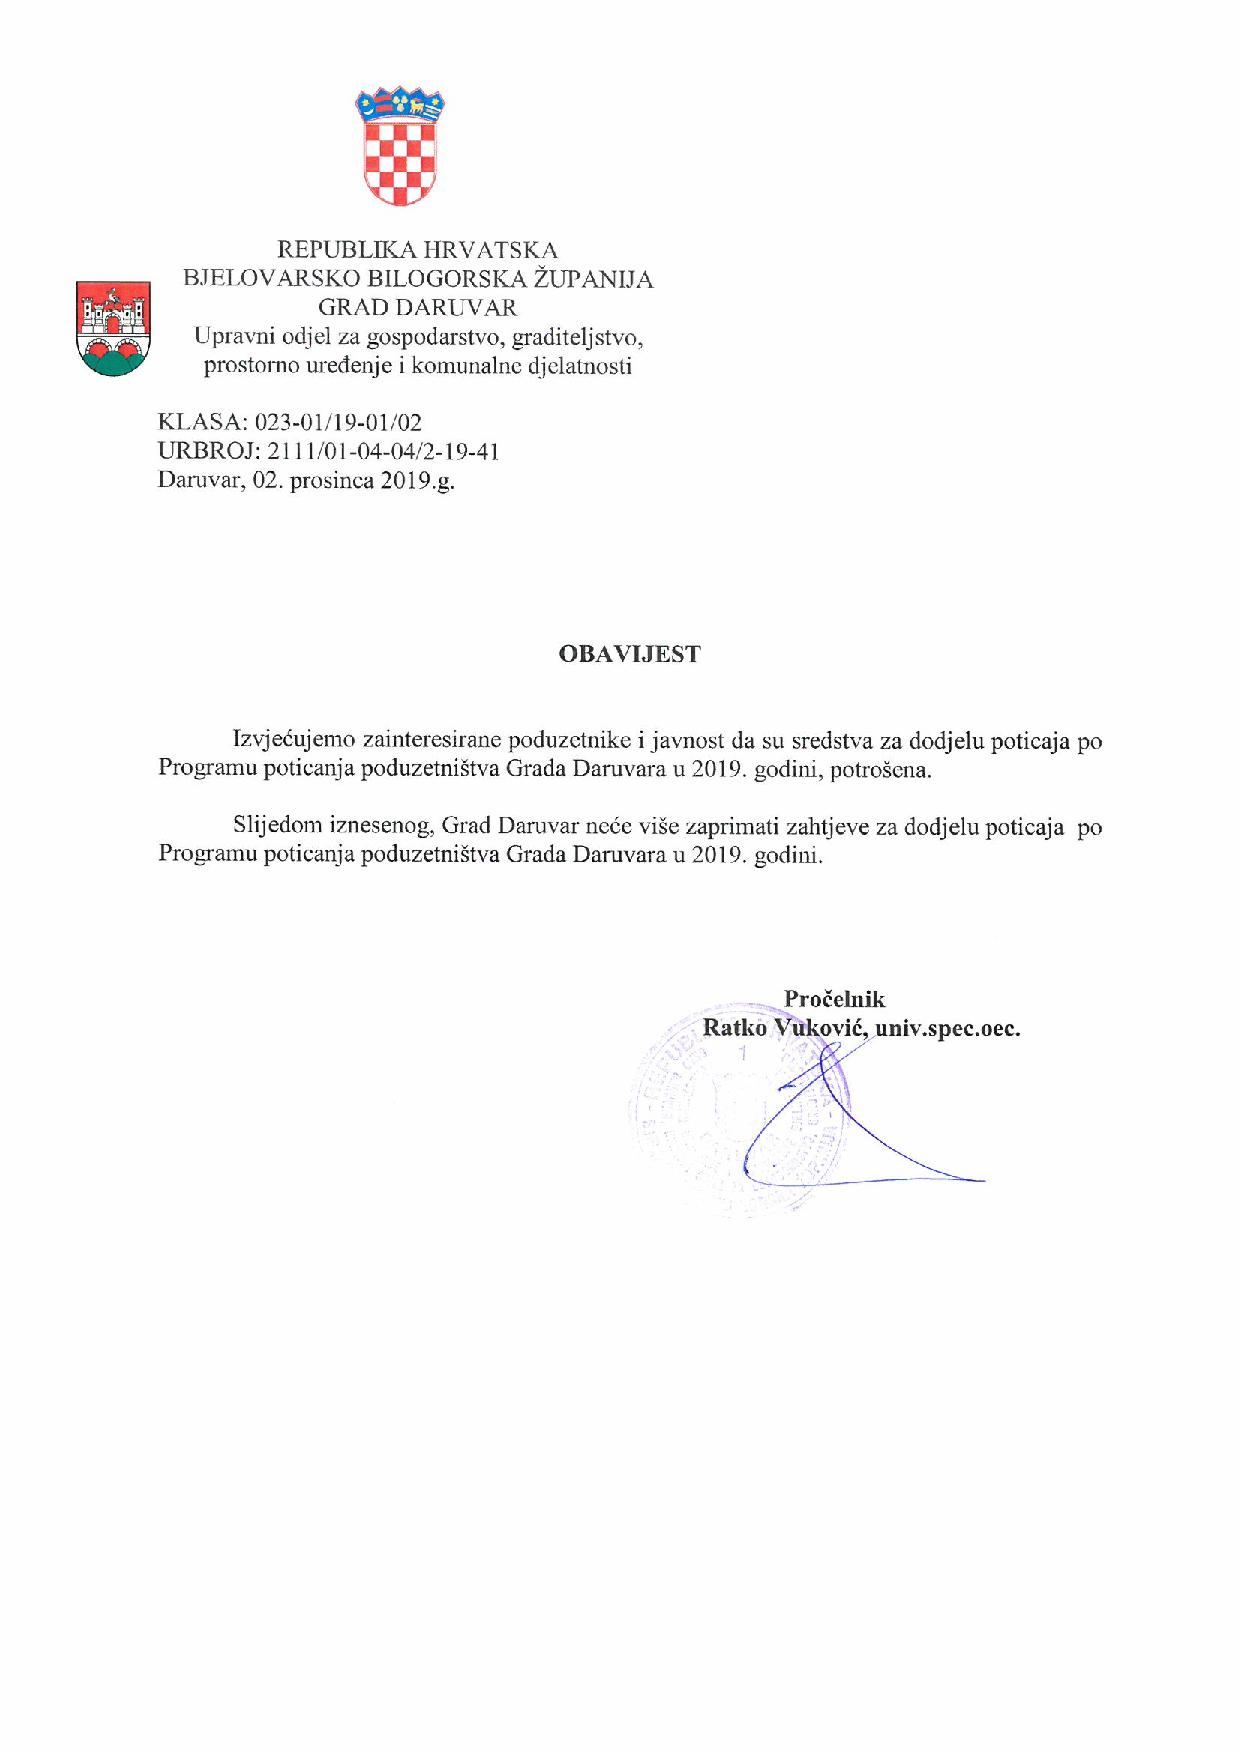 OBAVIJEST-page-001